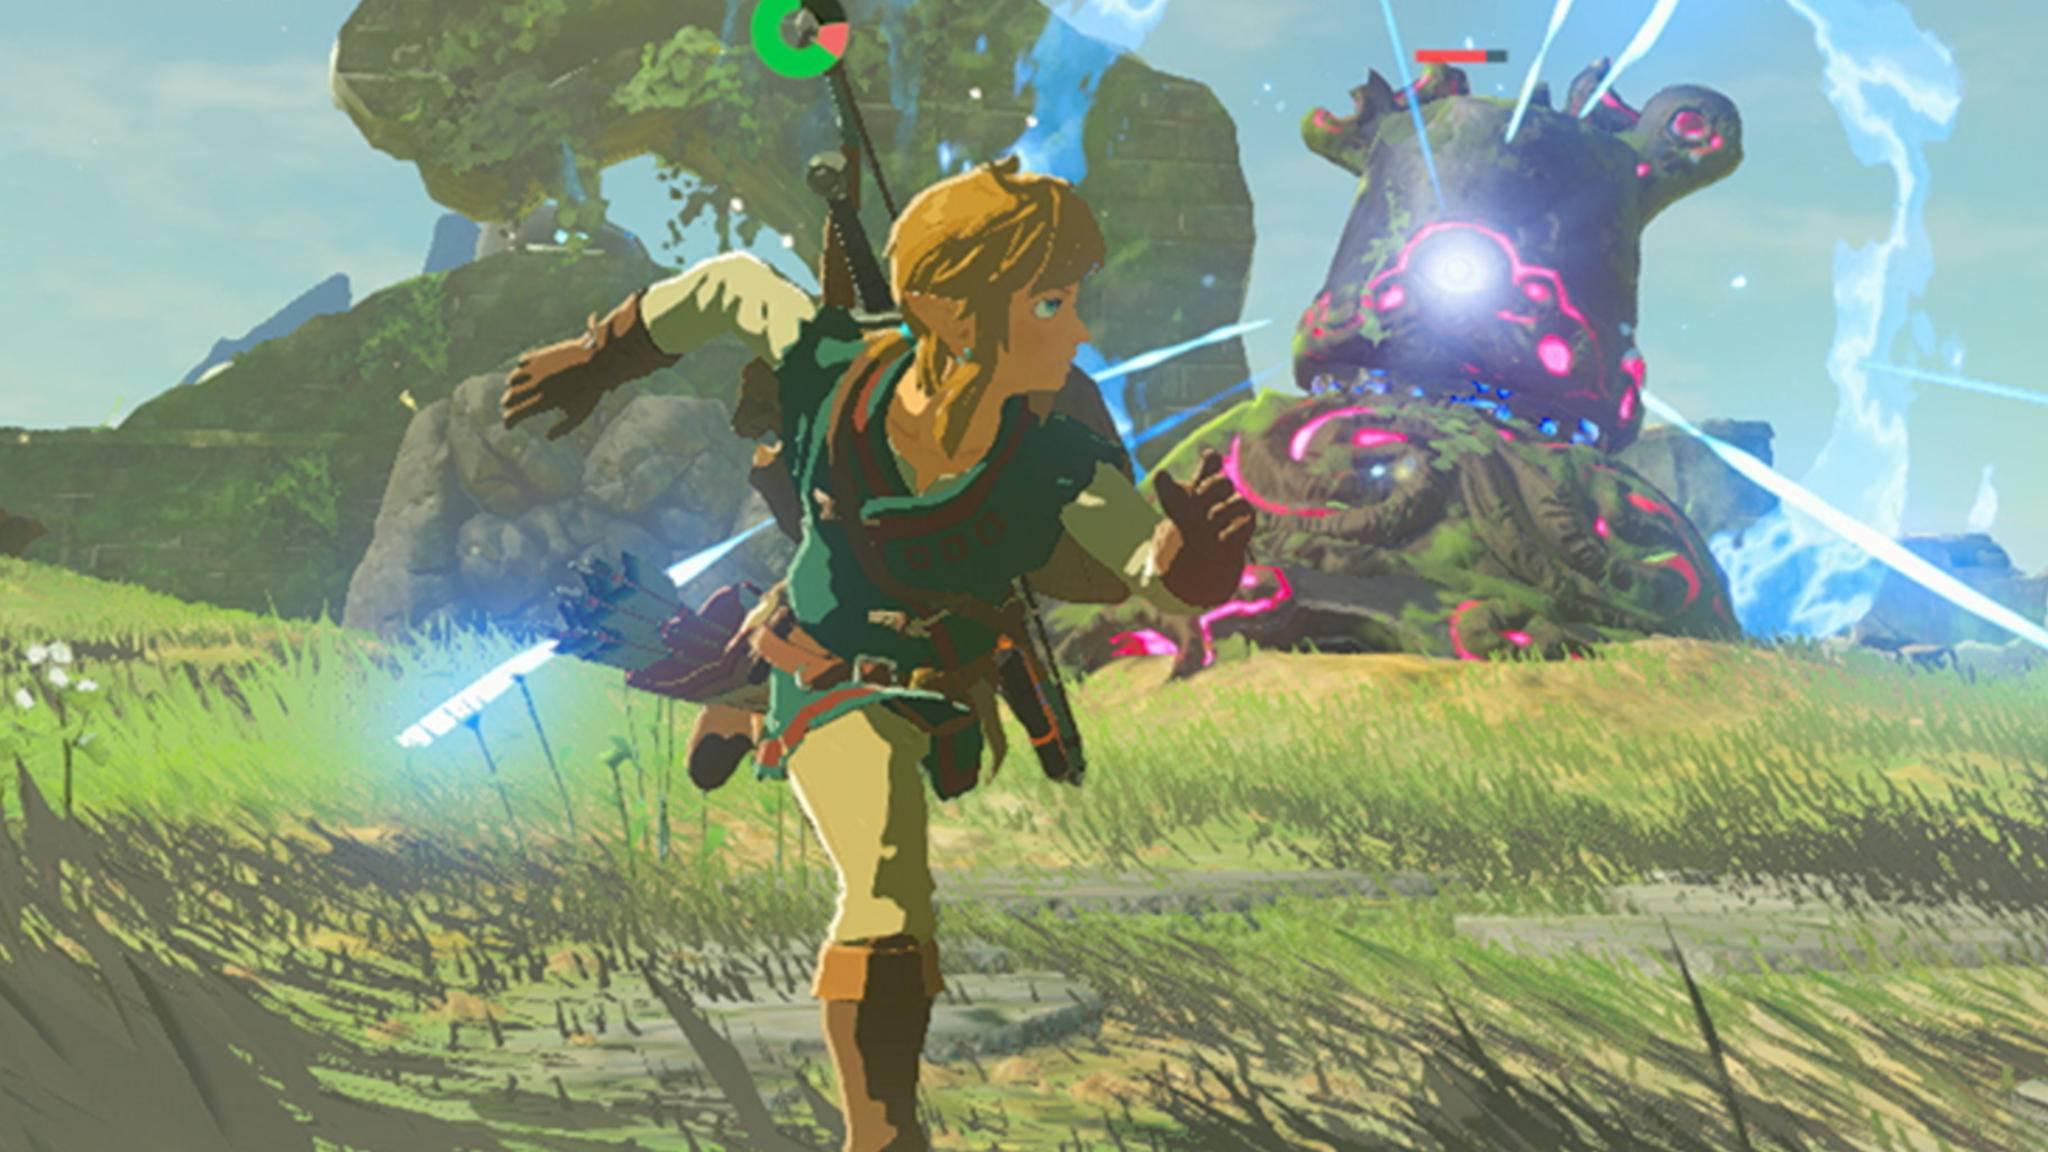 """Die Spielegrafik von """"The Legend of Zelda: Breath of the wild"""" lässt keine Wünsche offen."""